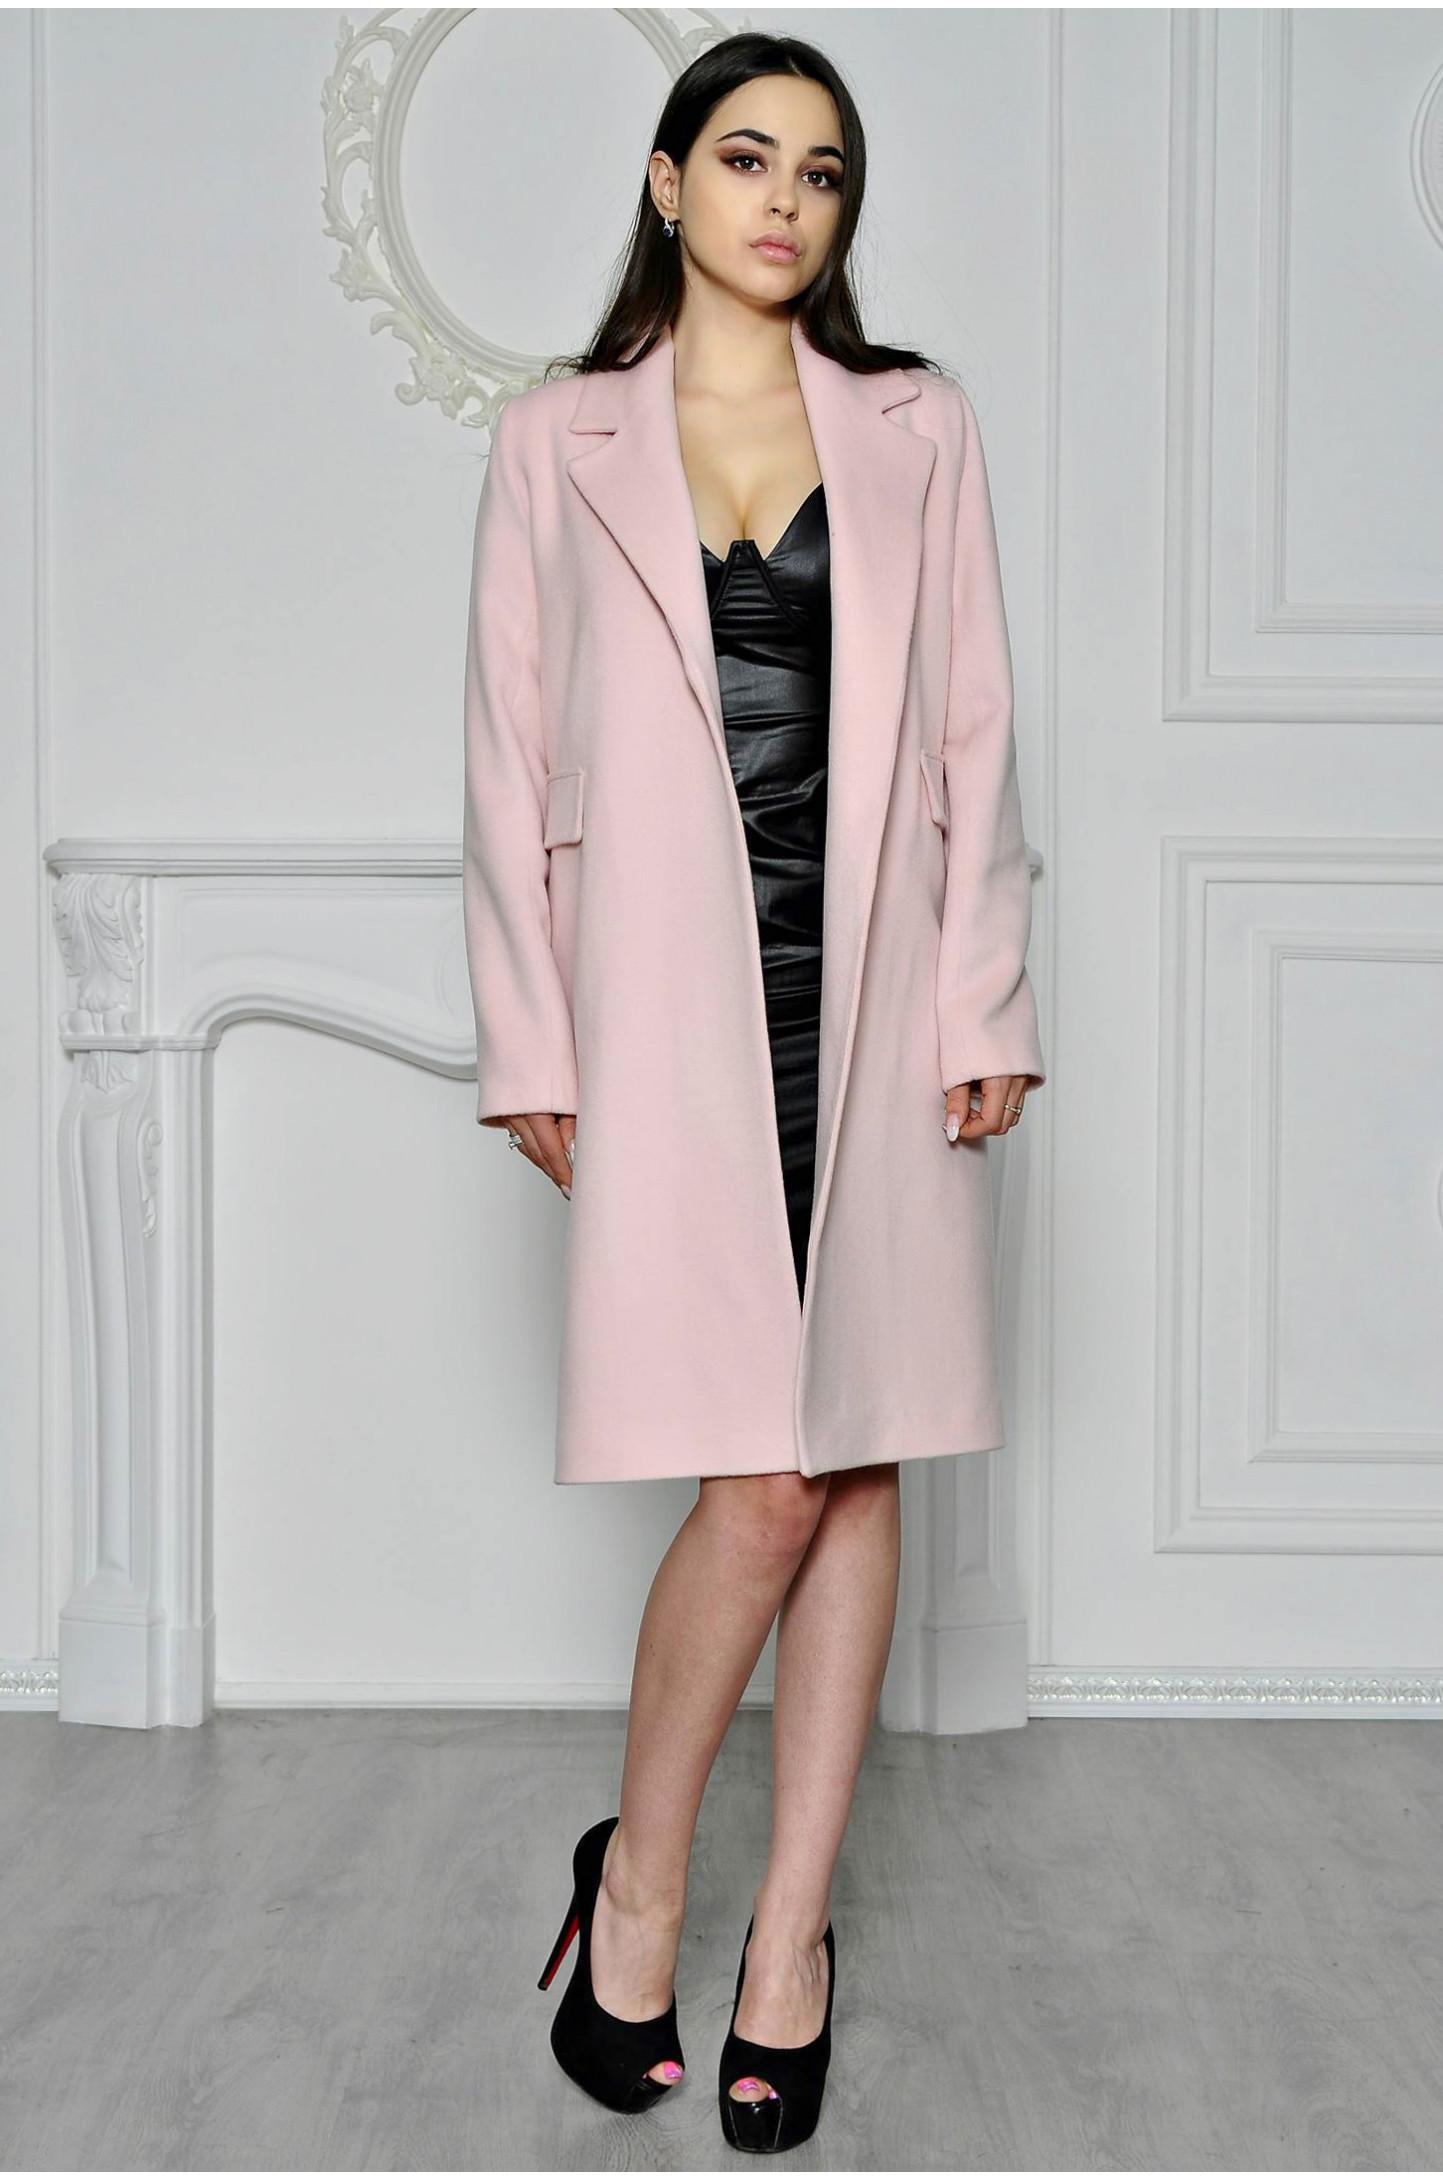 f027d05938a Пальто недорогое зимнее женское в москве от 10300 ₽ • 4336-01